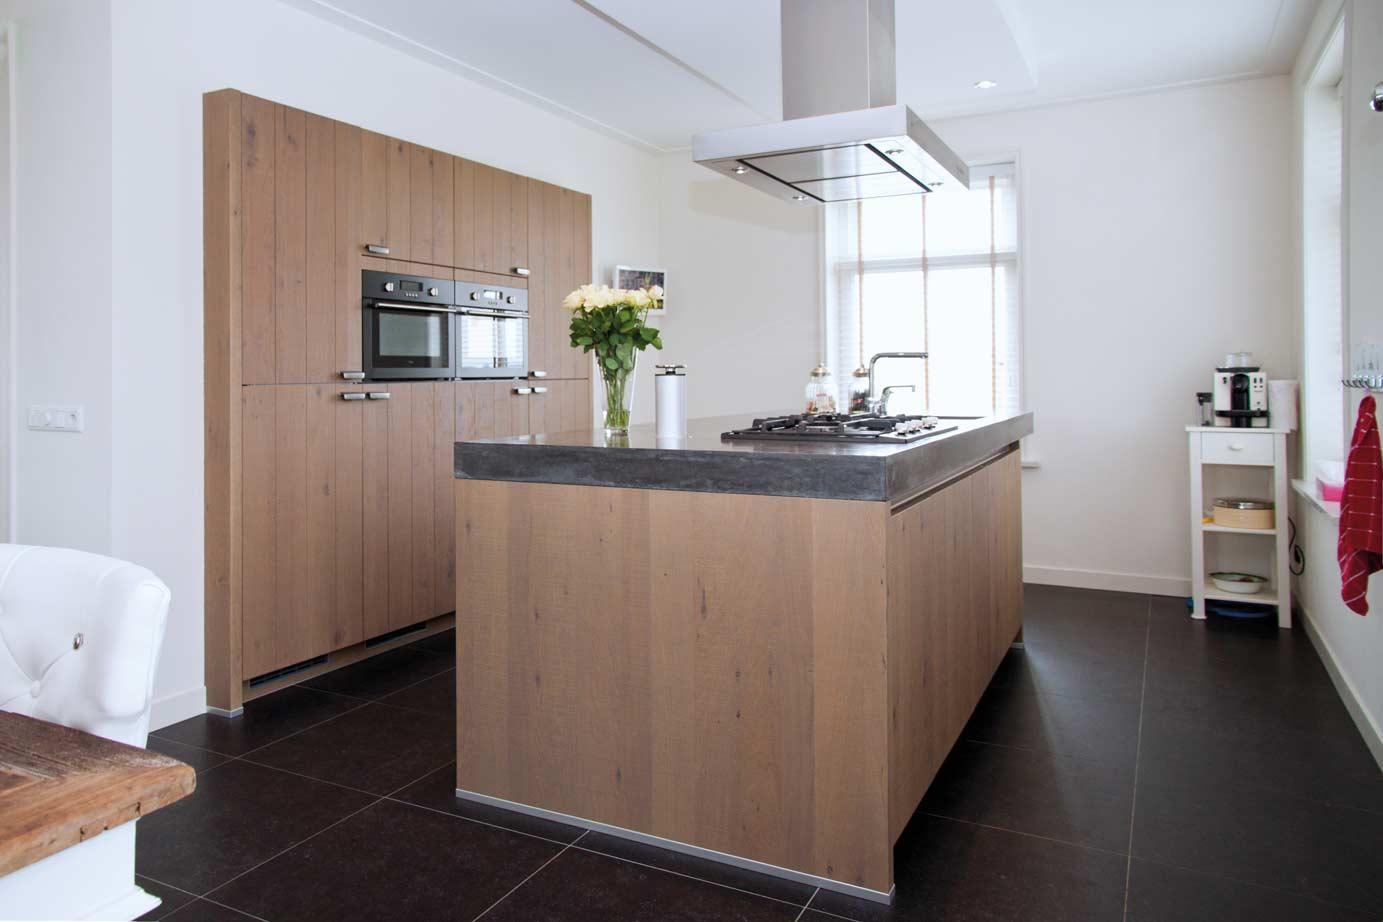 Houten keukenfronten maatwerk lades en deuren ikea keukens